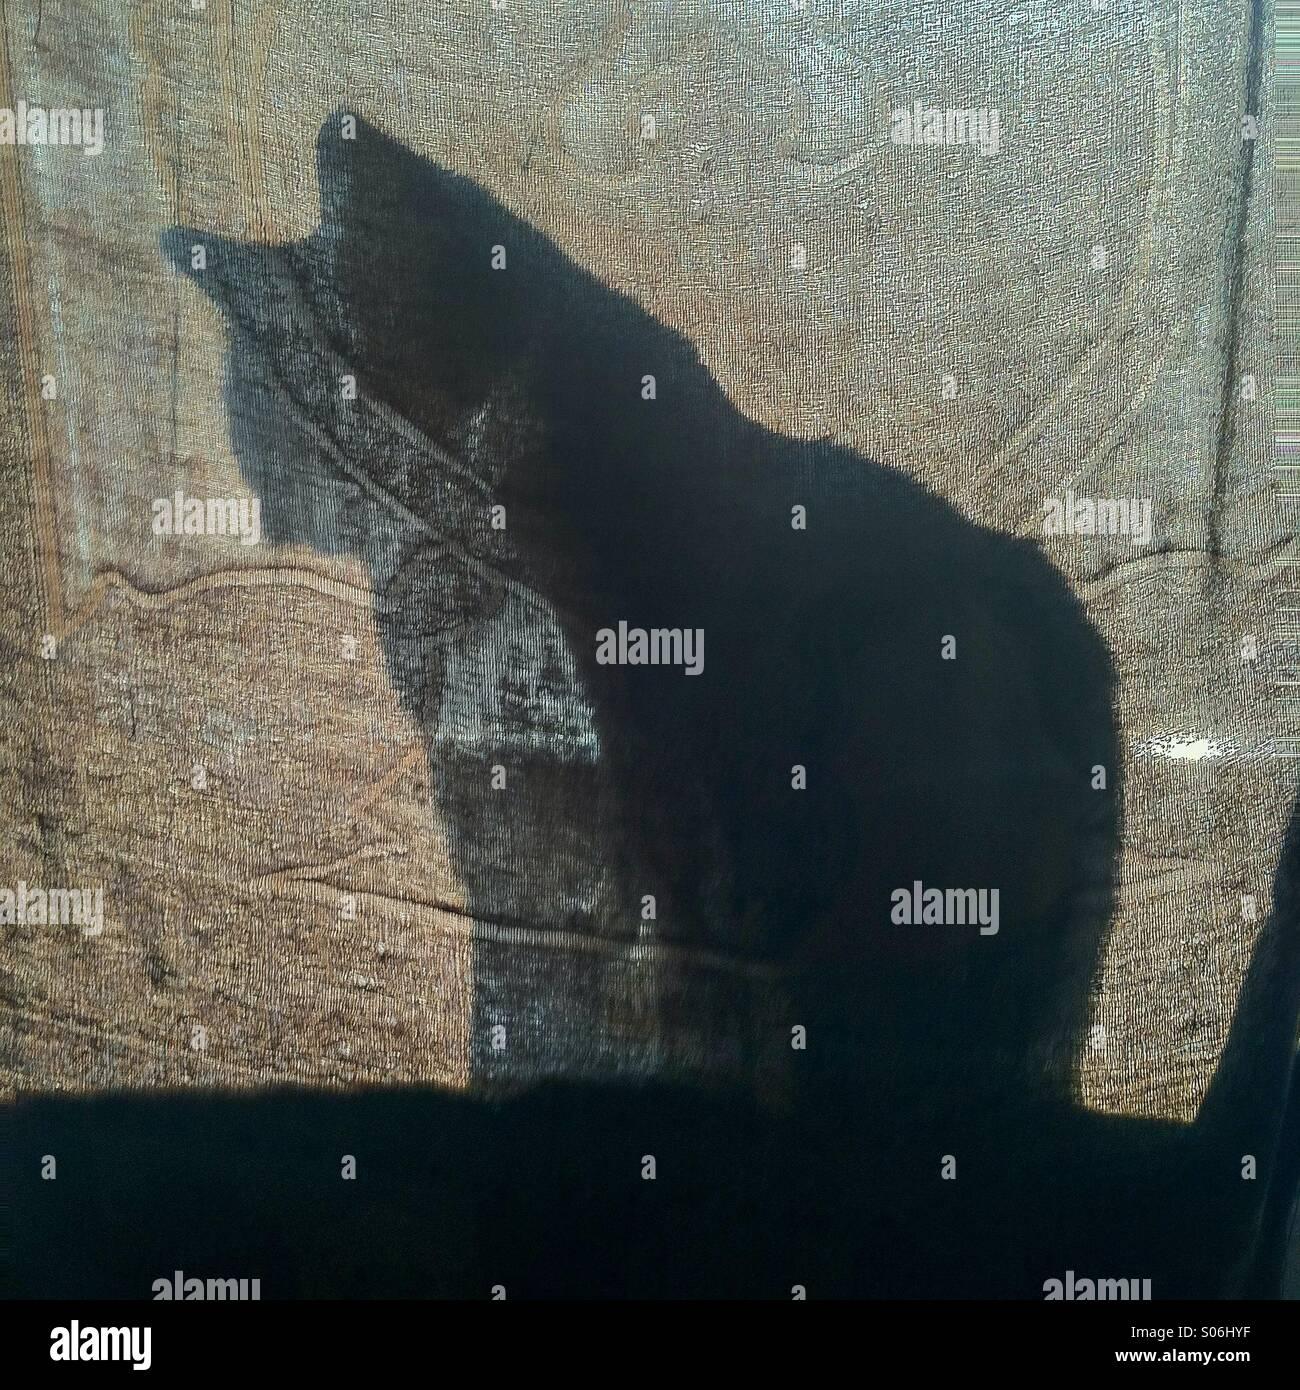 Cat silhouette attraverso il tessuto Immagini Stock